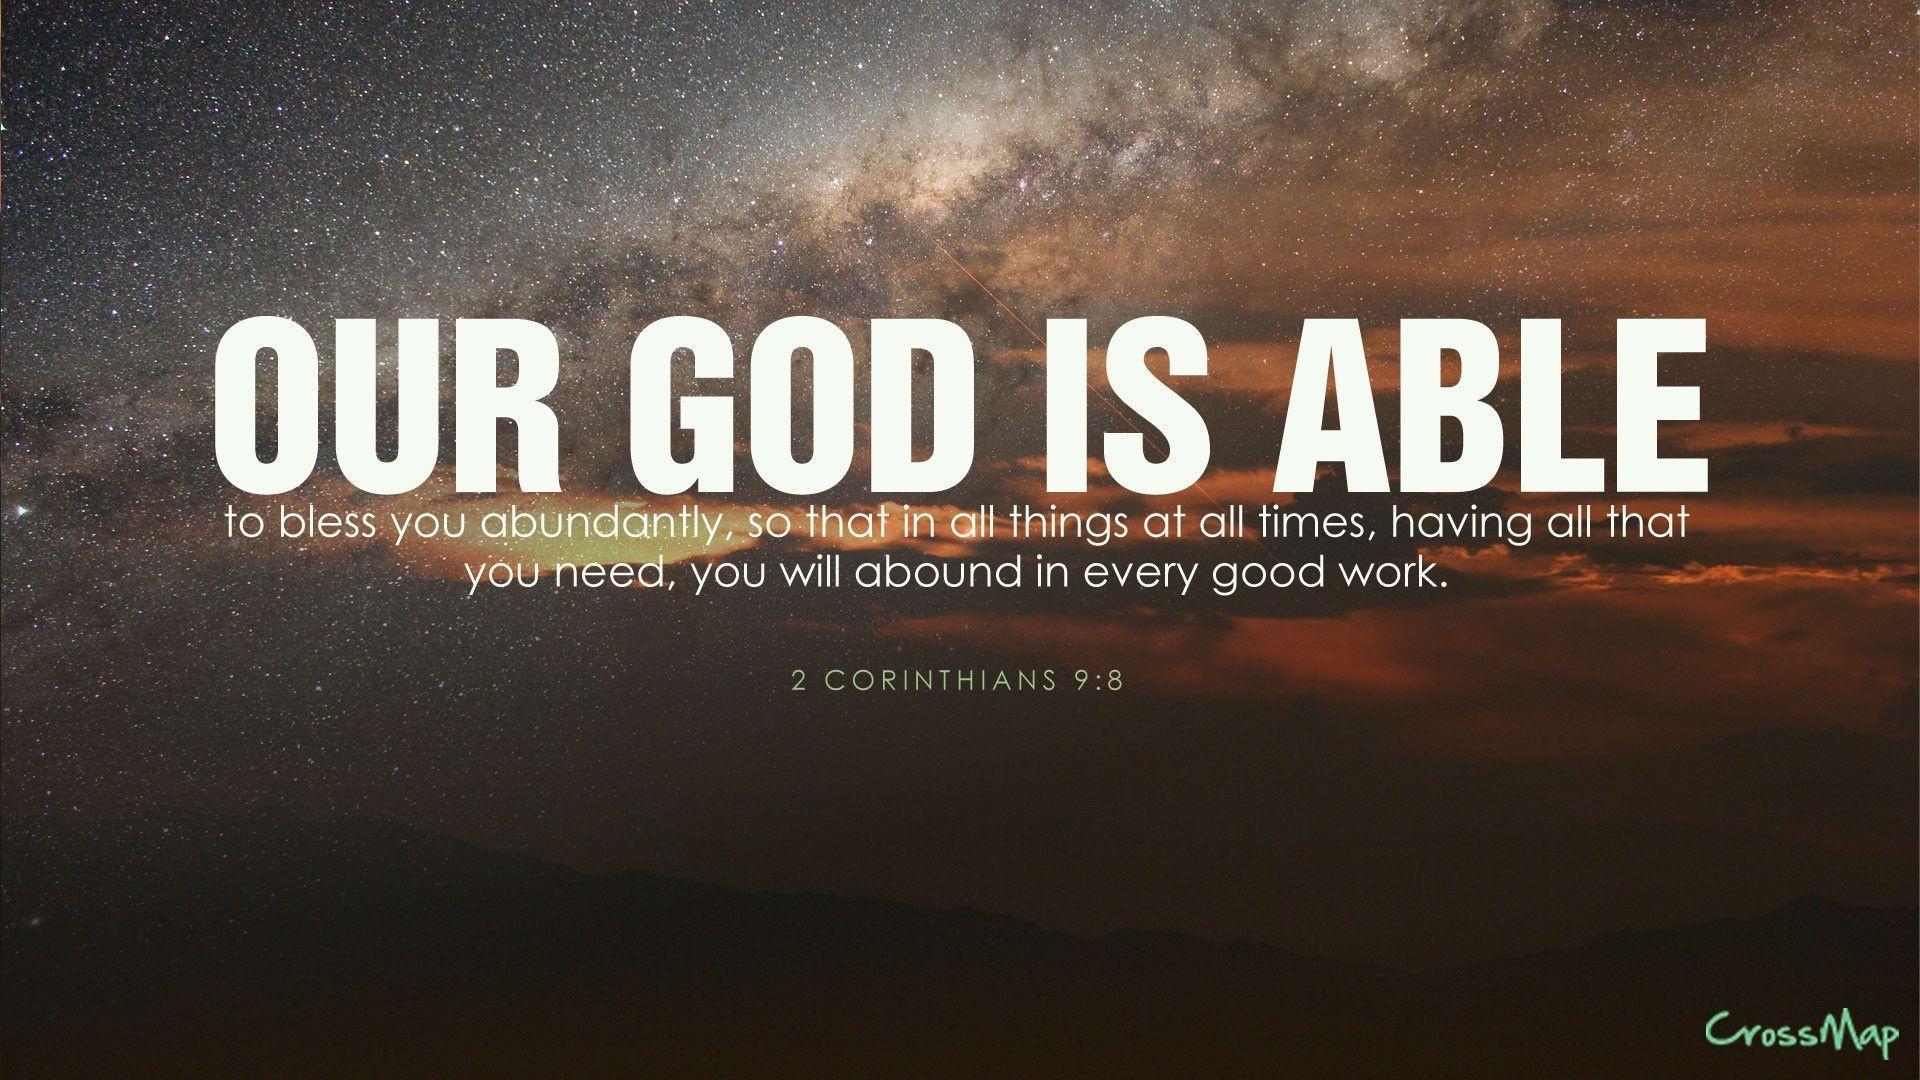 god images christian - photo #20